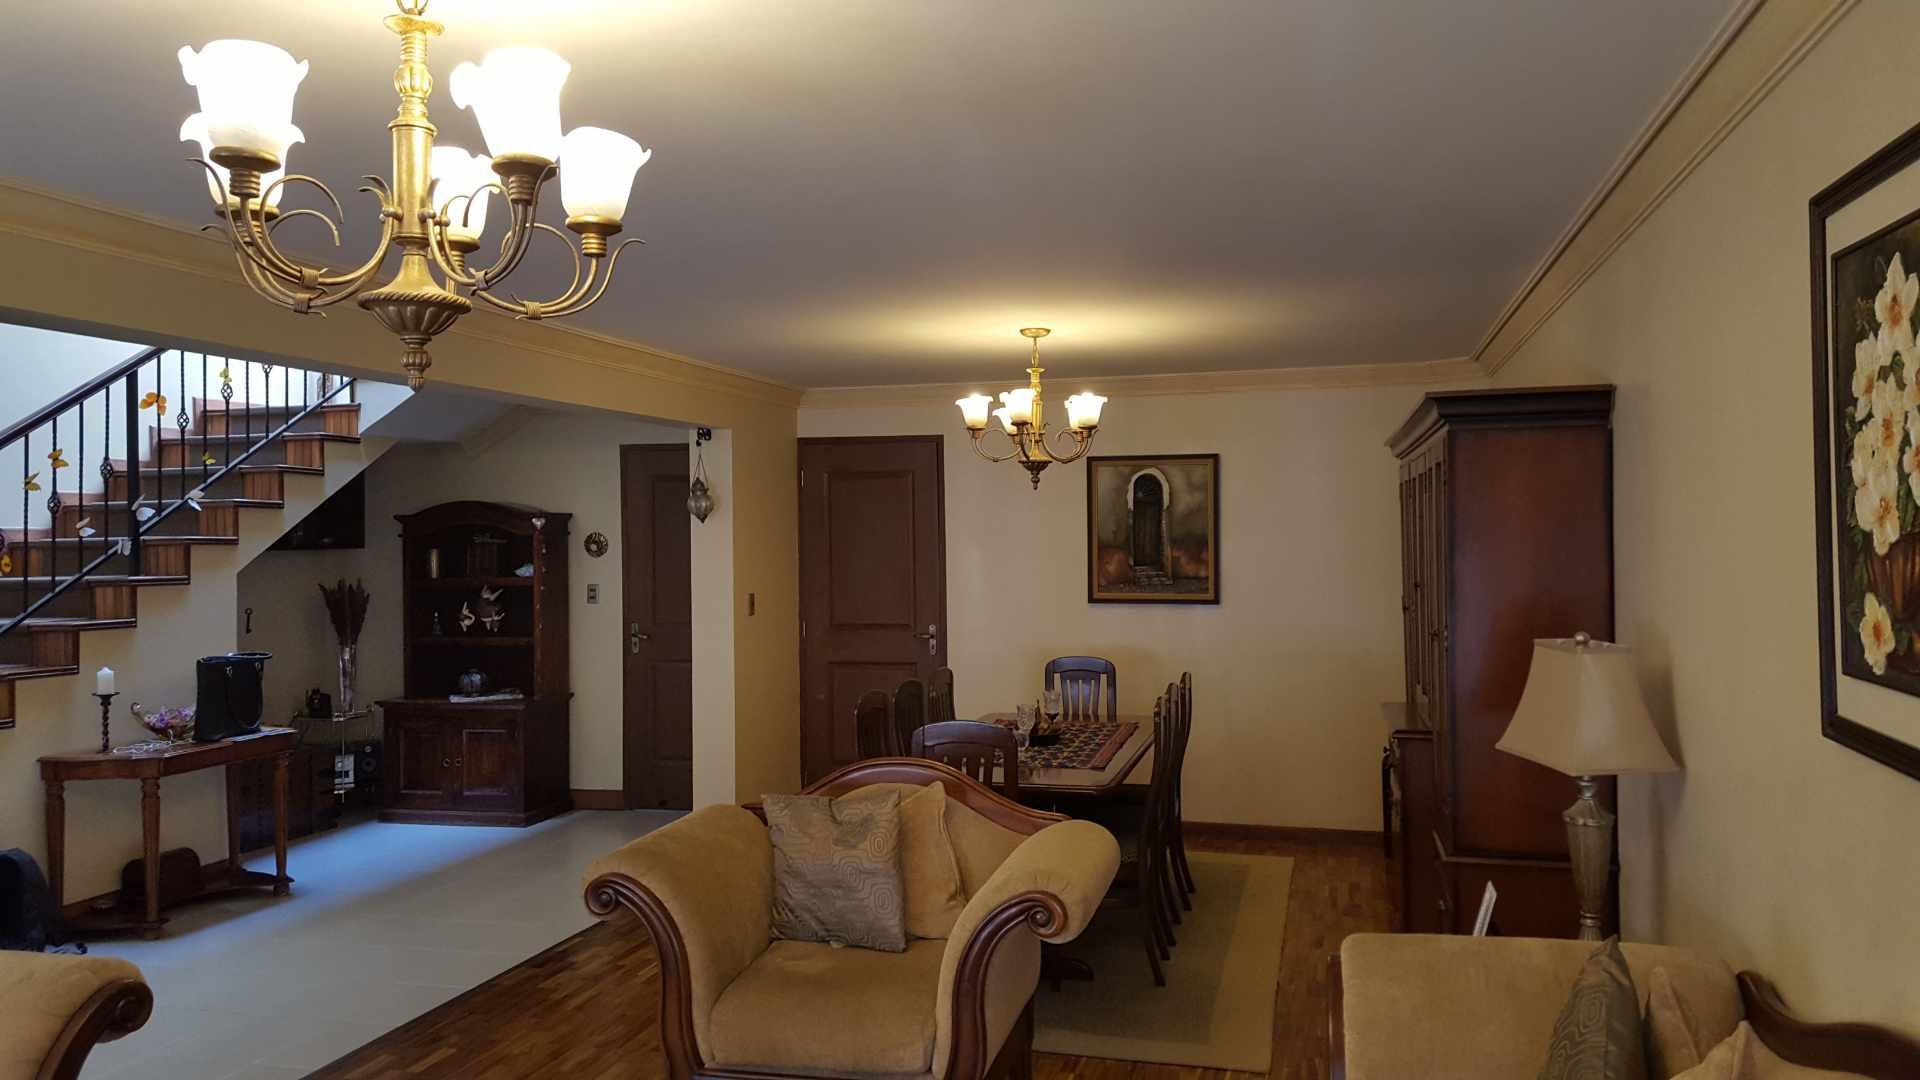 Casa en Venta $us.- 185.000.- PRECIOSA CASA EN CONDOMINIO - AMÉRICA OESTE Foto 18